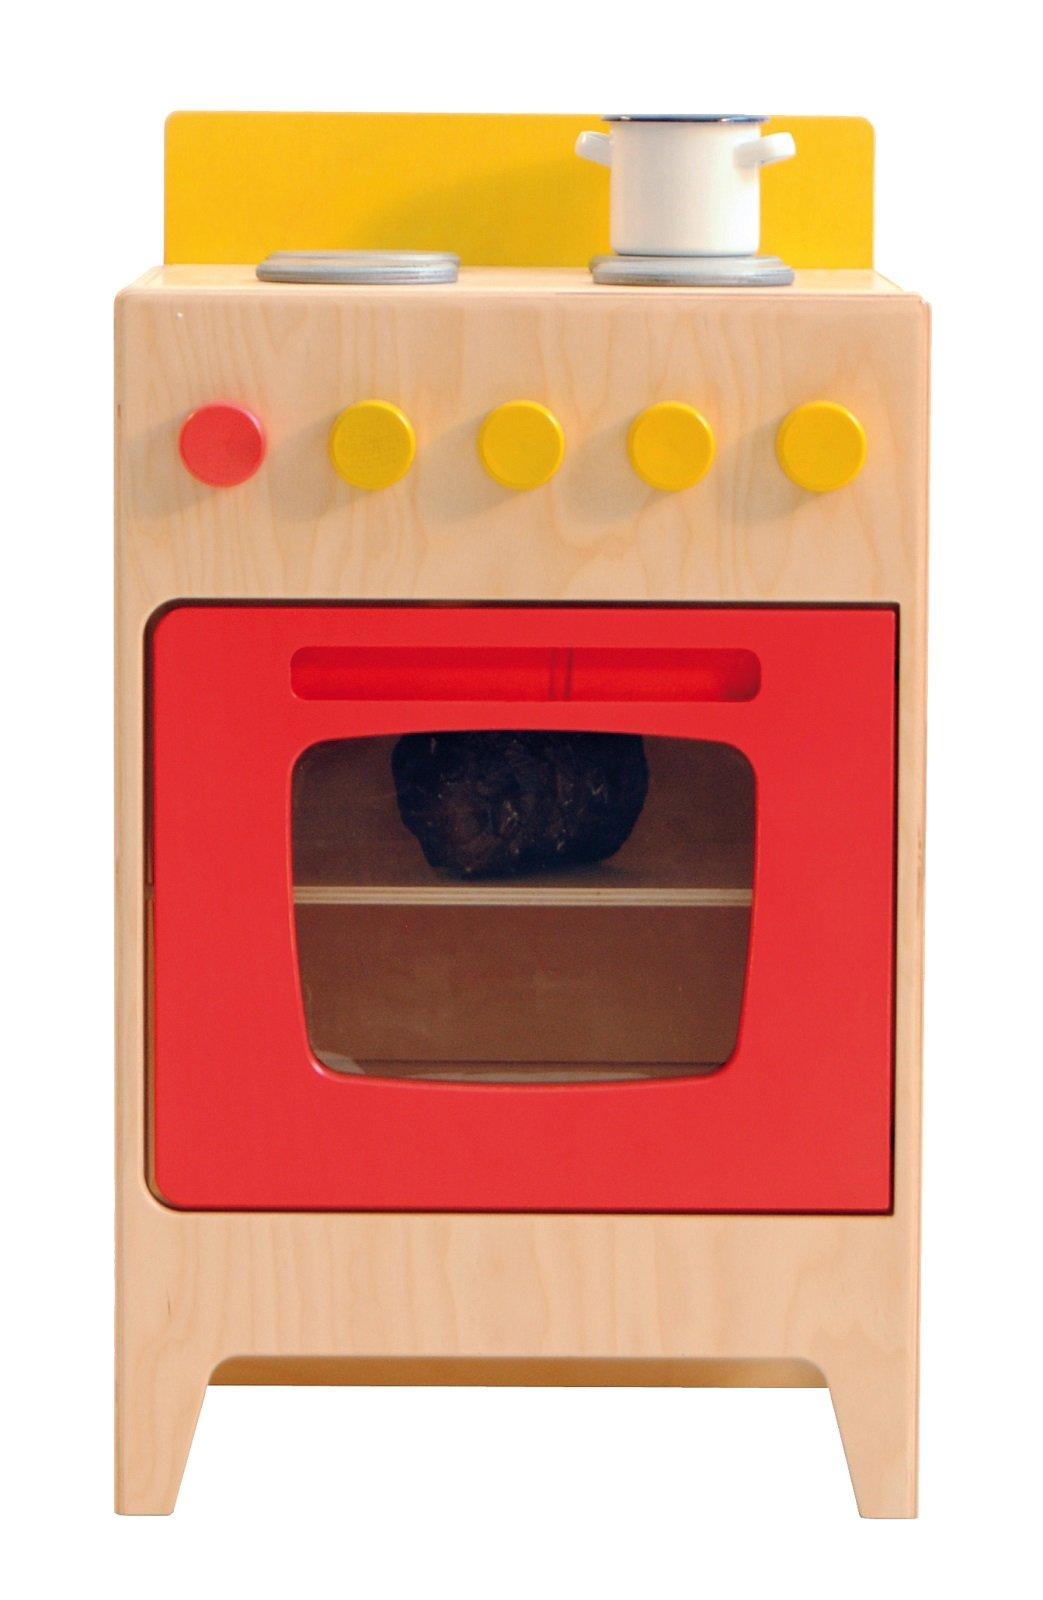 Le cucine in miniatura attrezzate sin nei minimi particolari e i ...